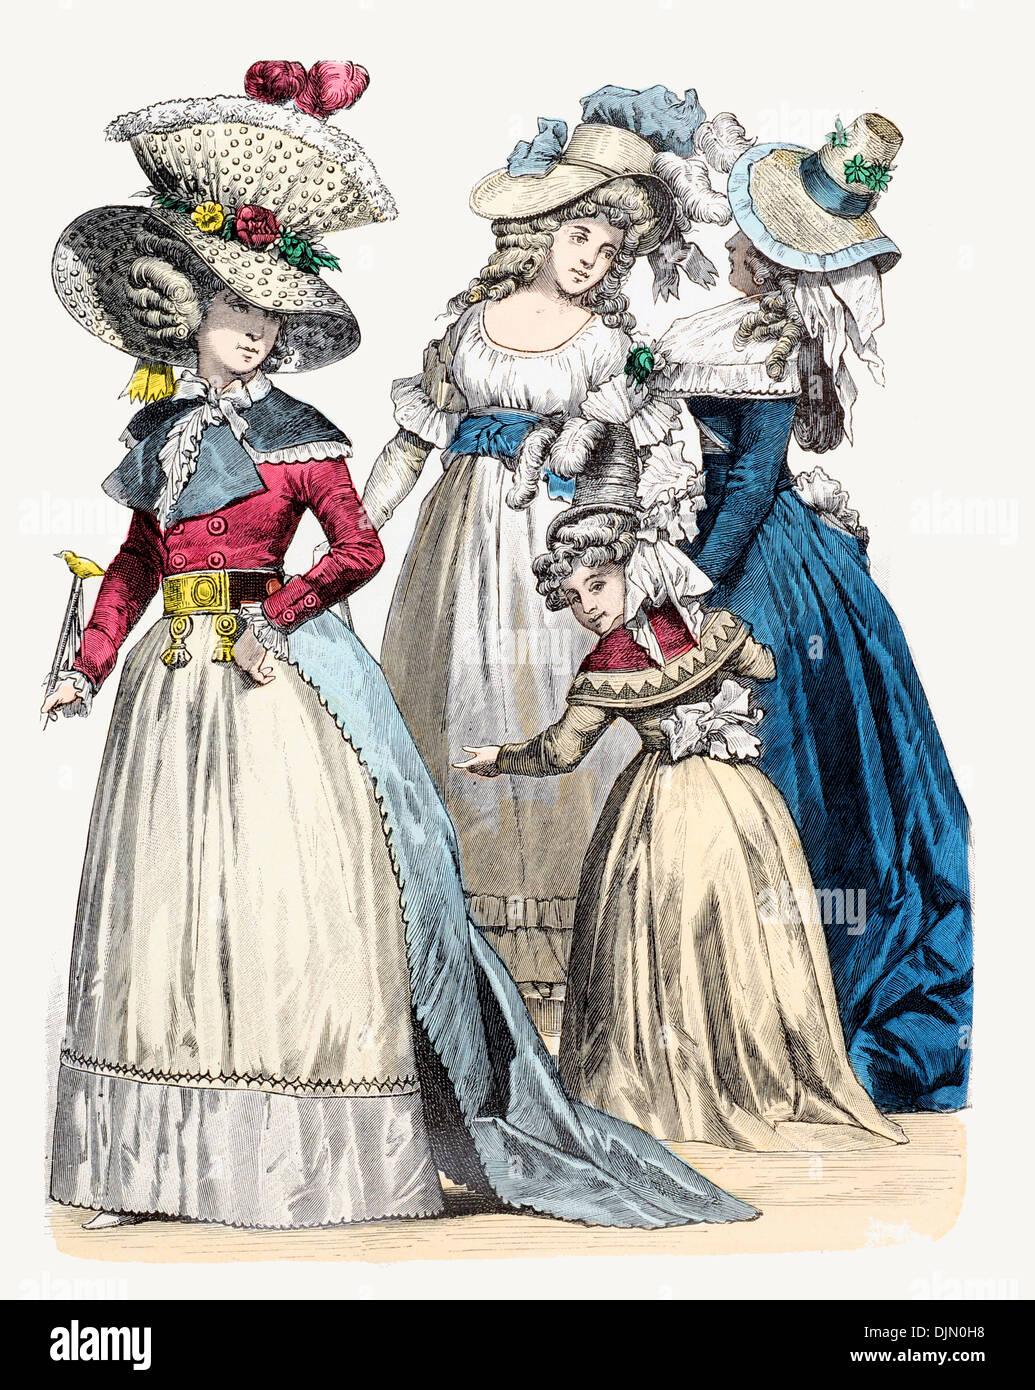 Late18th Jahrhundert XVIII 1700er Jahren Französisch Gentry Stockbild